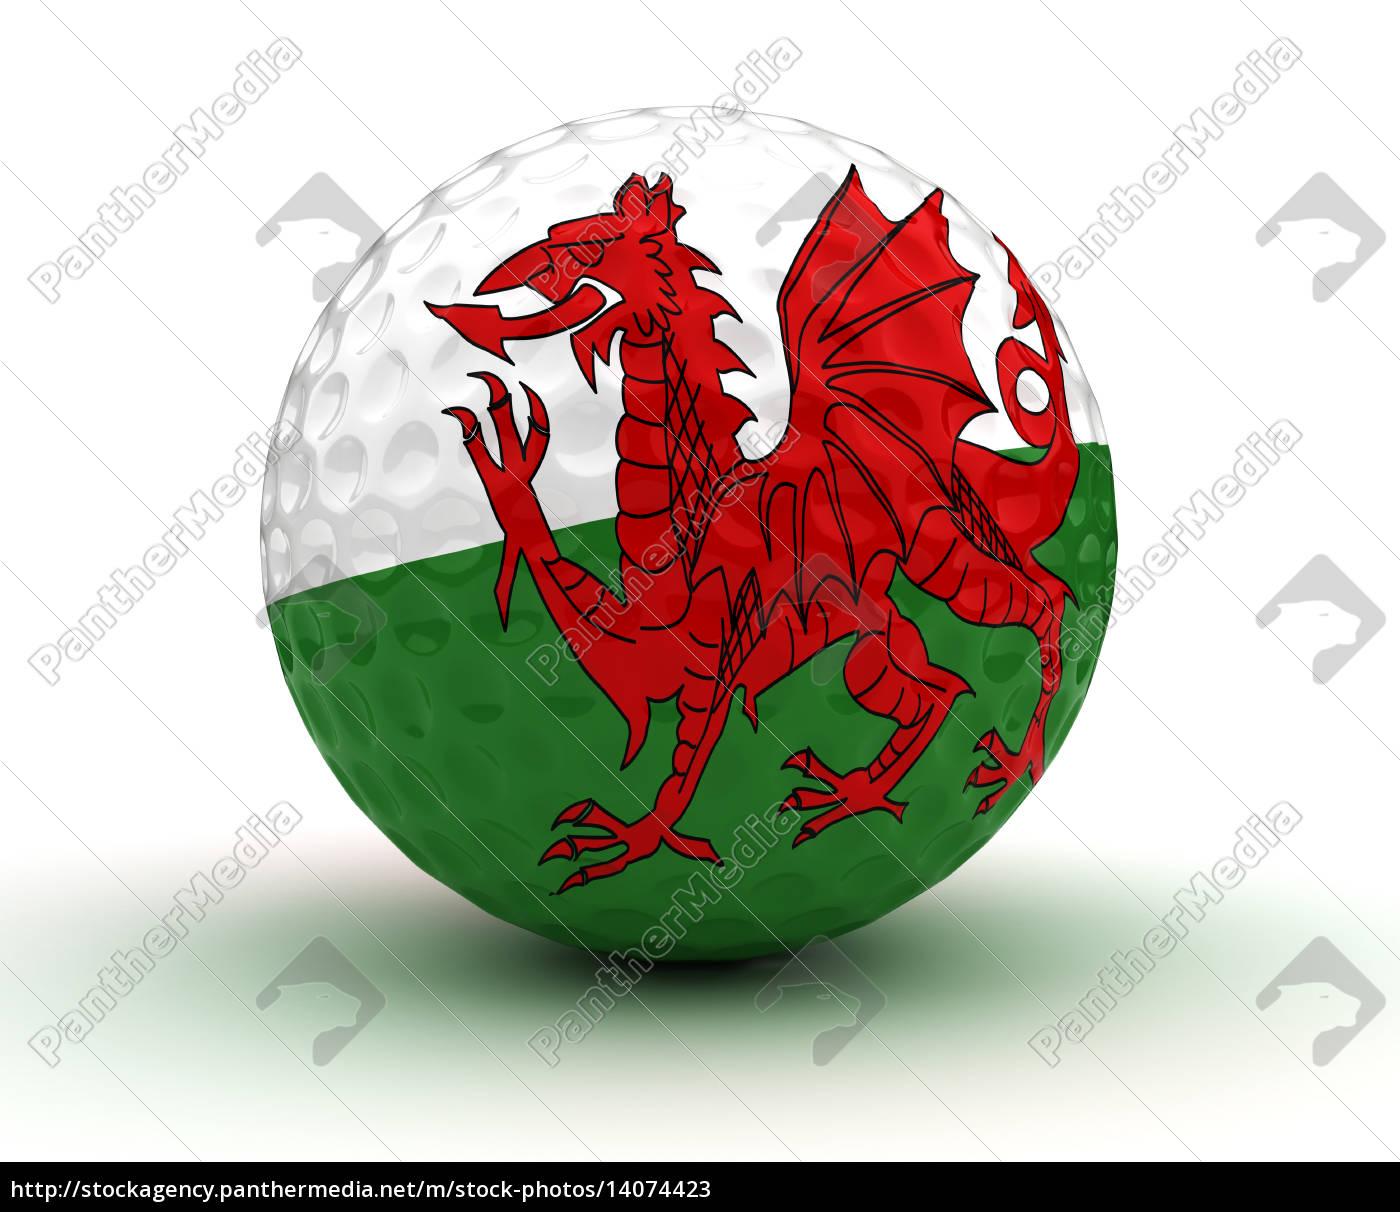 welsh, golf, ball - 14074423